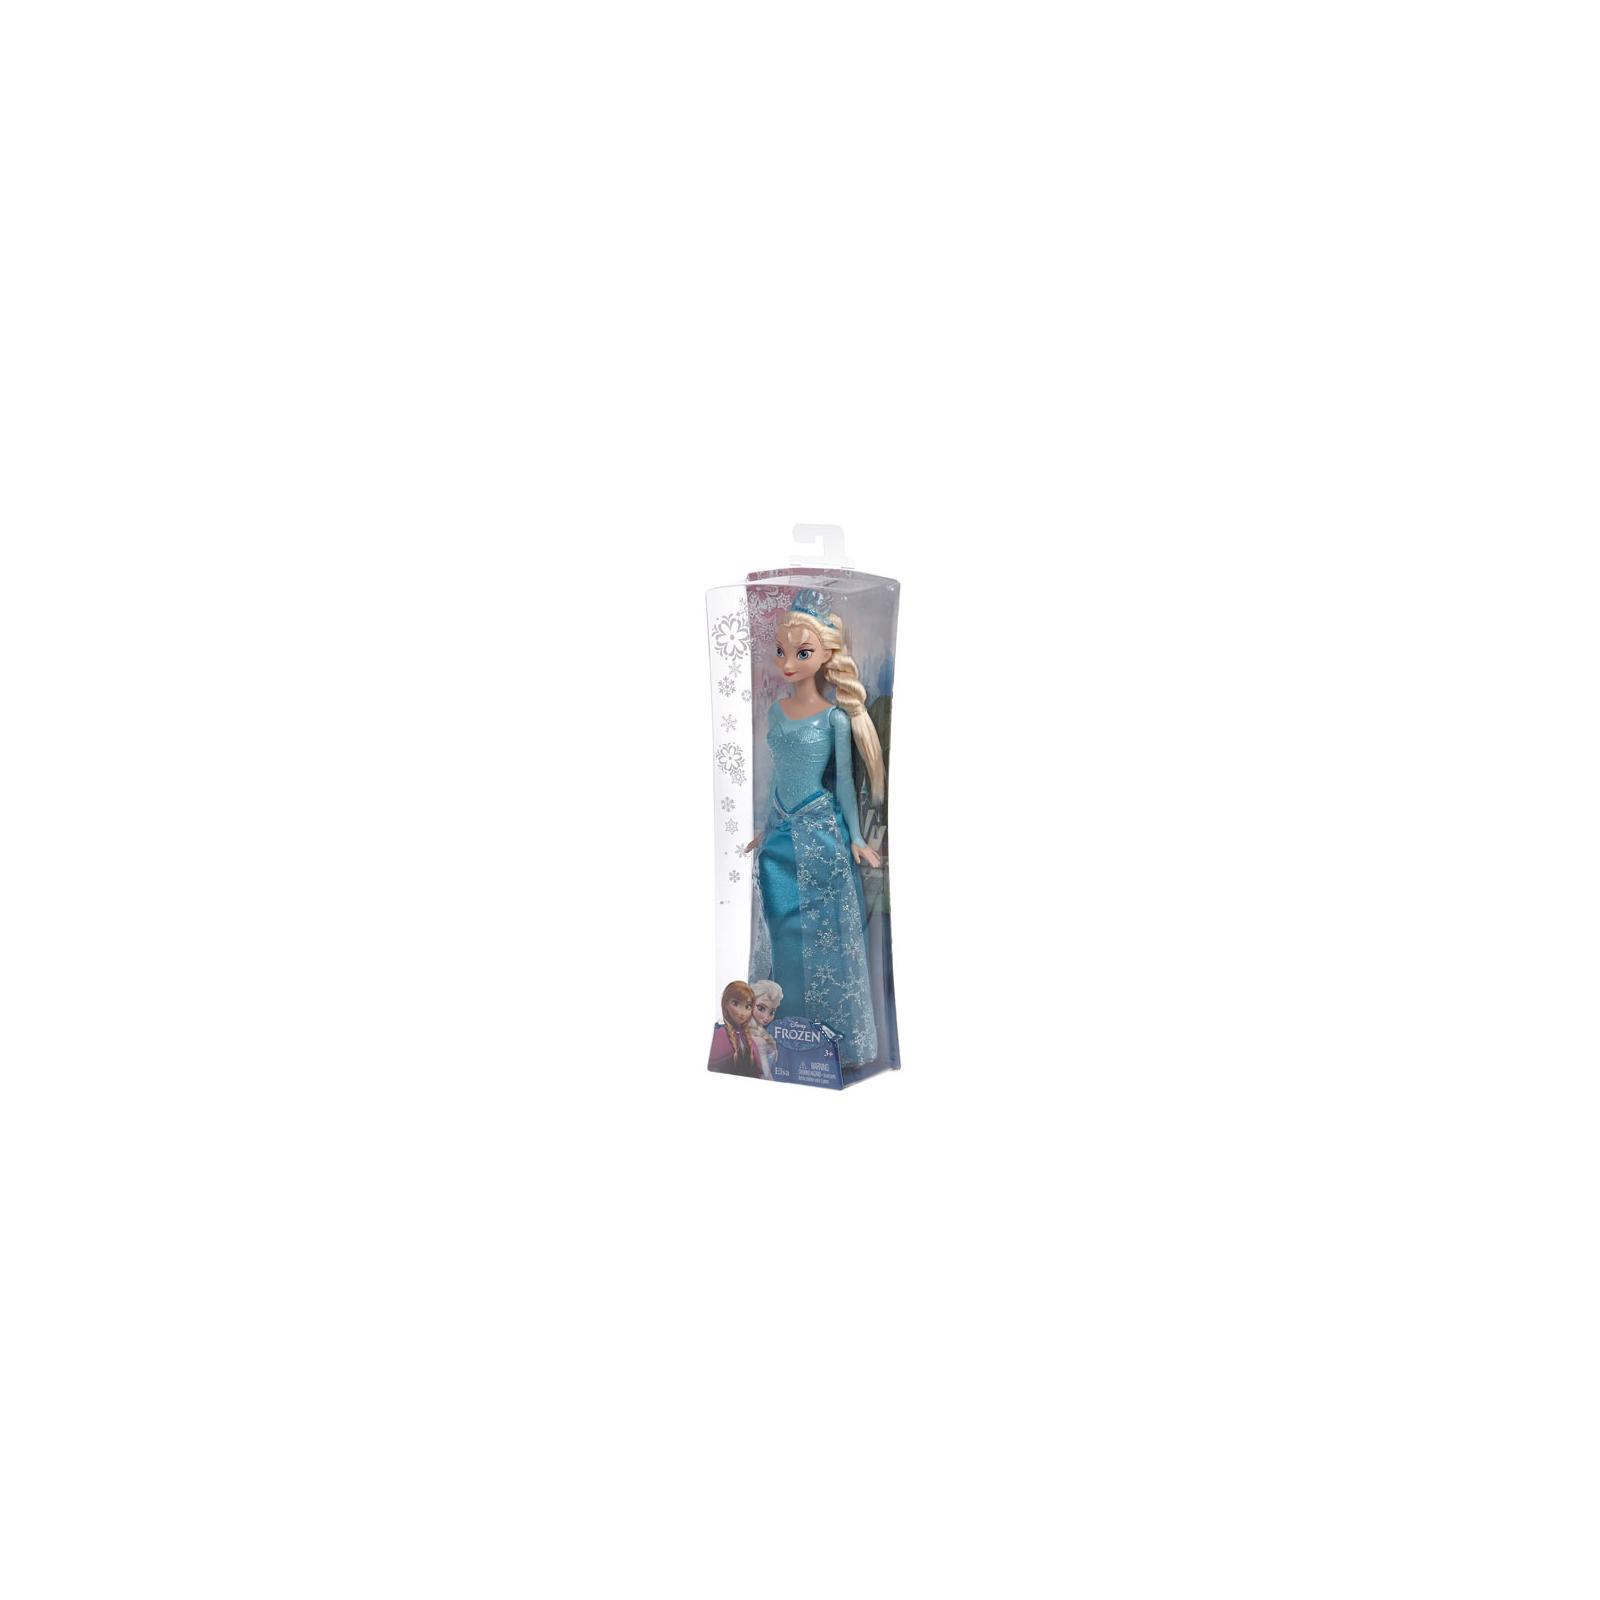 Кукла Mattel Эльза Сказочная Принцесса Дисней из м/ф Ледяное сердце (CJX74-2) изображение 3